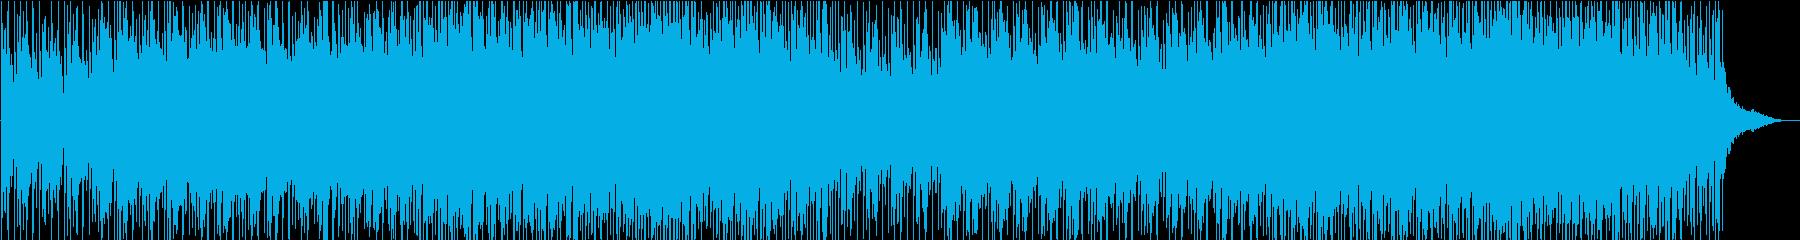 明るくファミリー向きな手拍子入りの曲ですの再生済みの波形